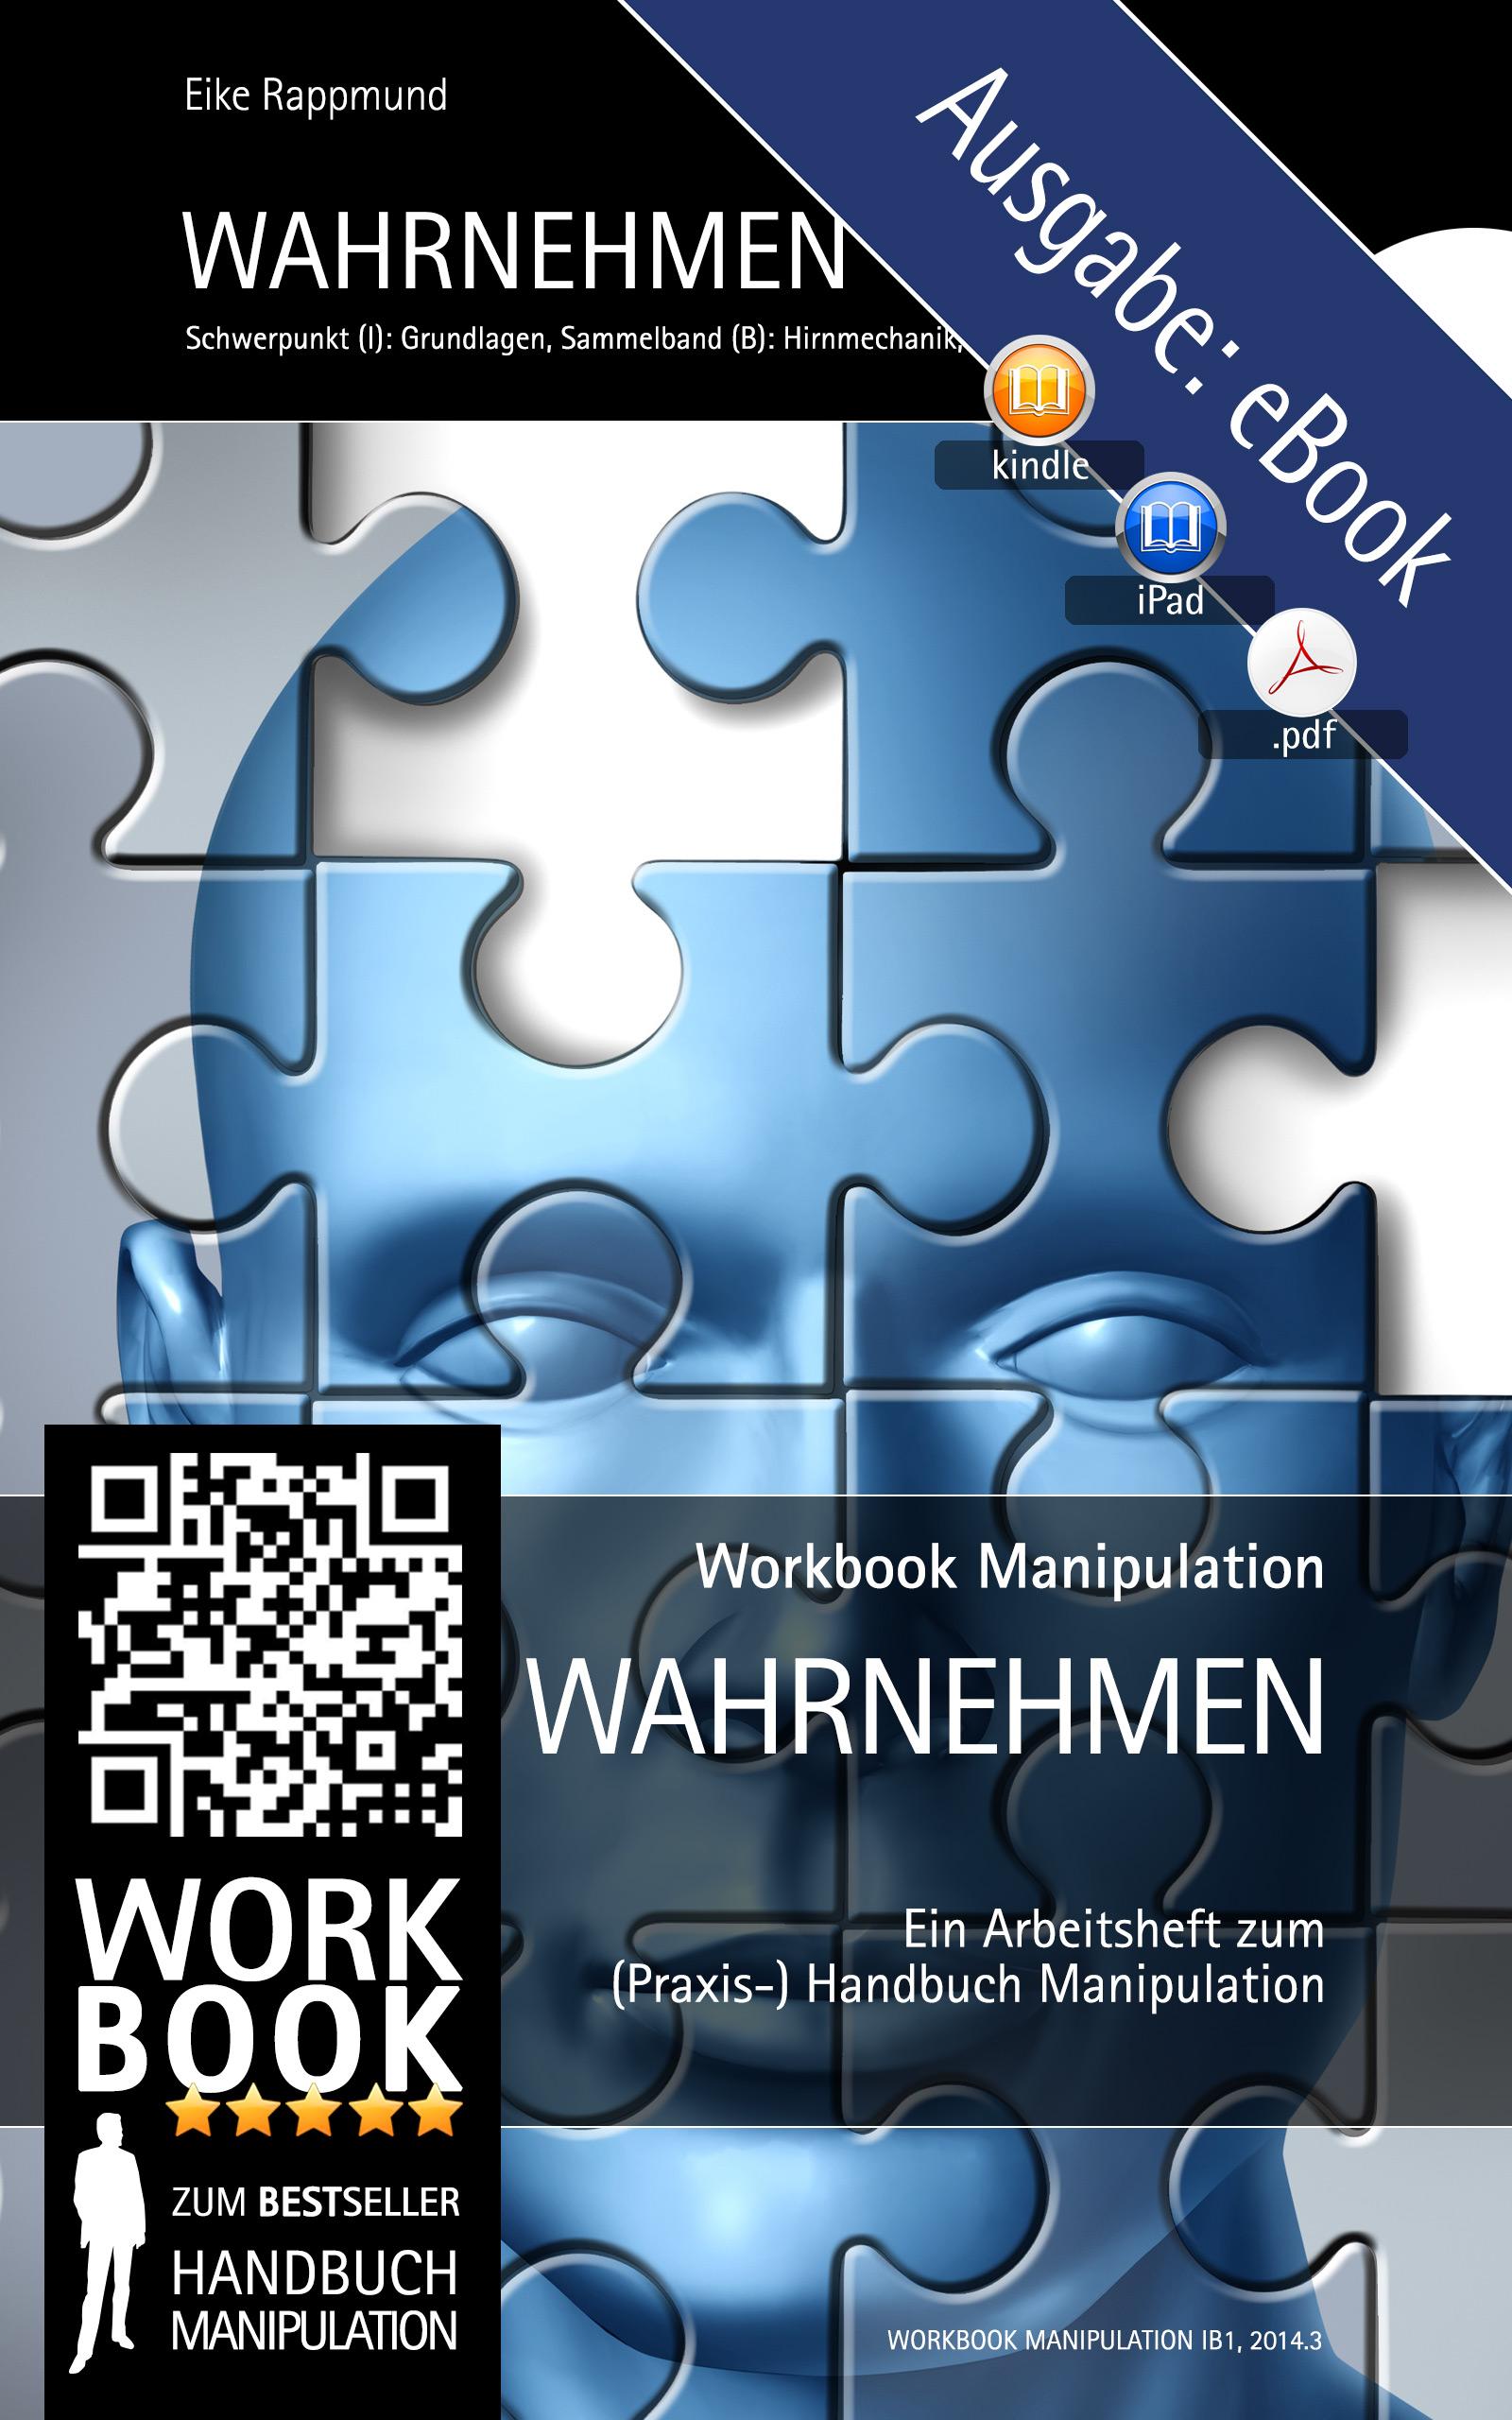 Arbeitshefte zum Workbook